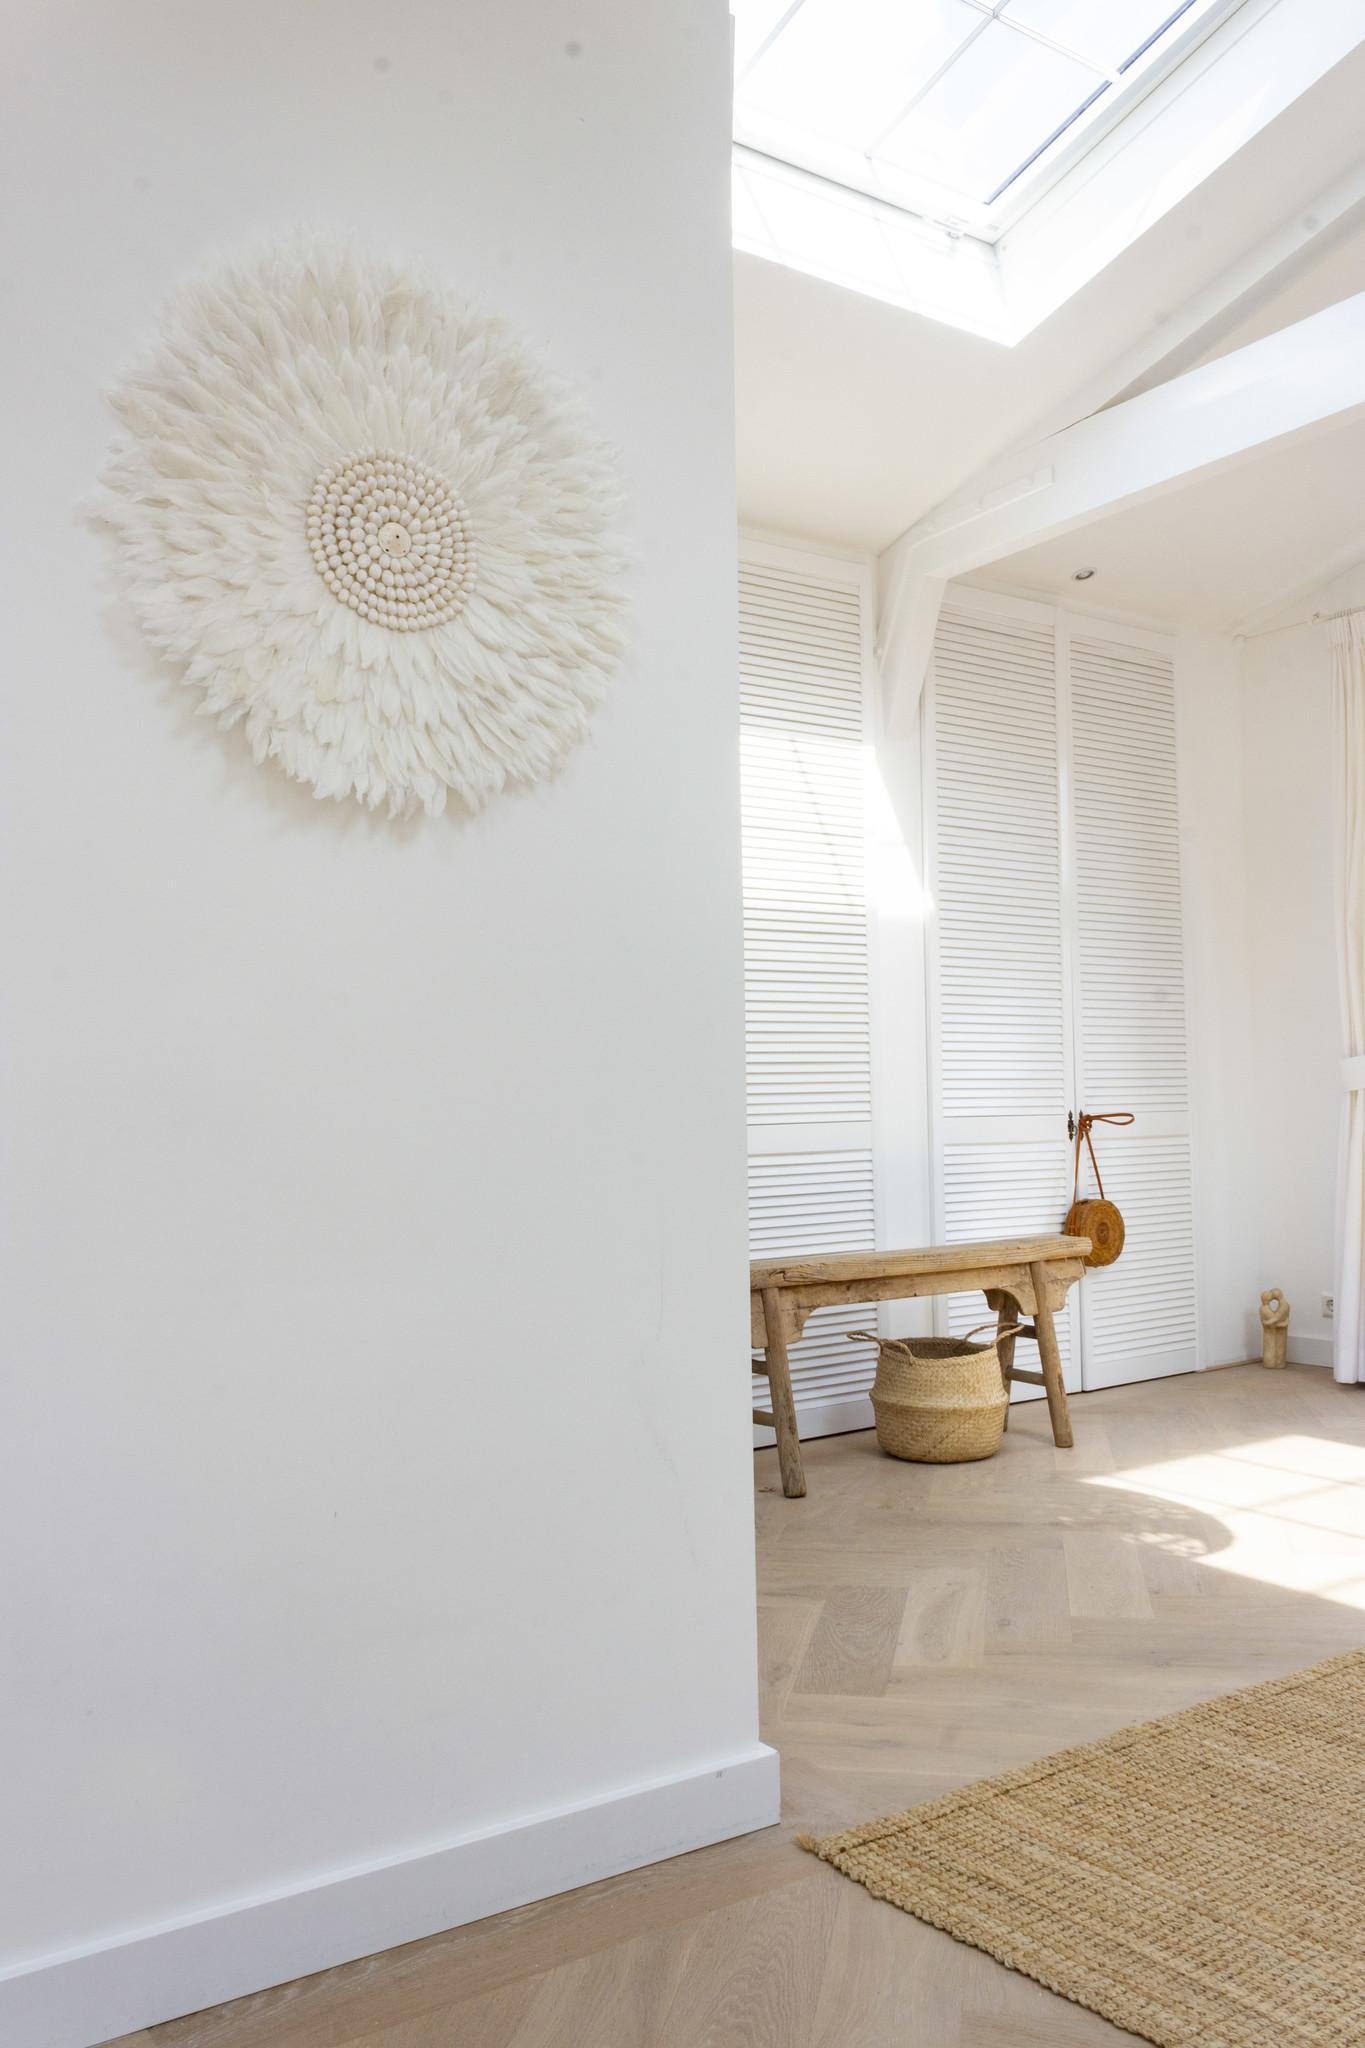 Juju wall decoration  white